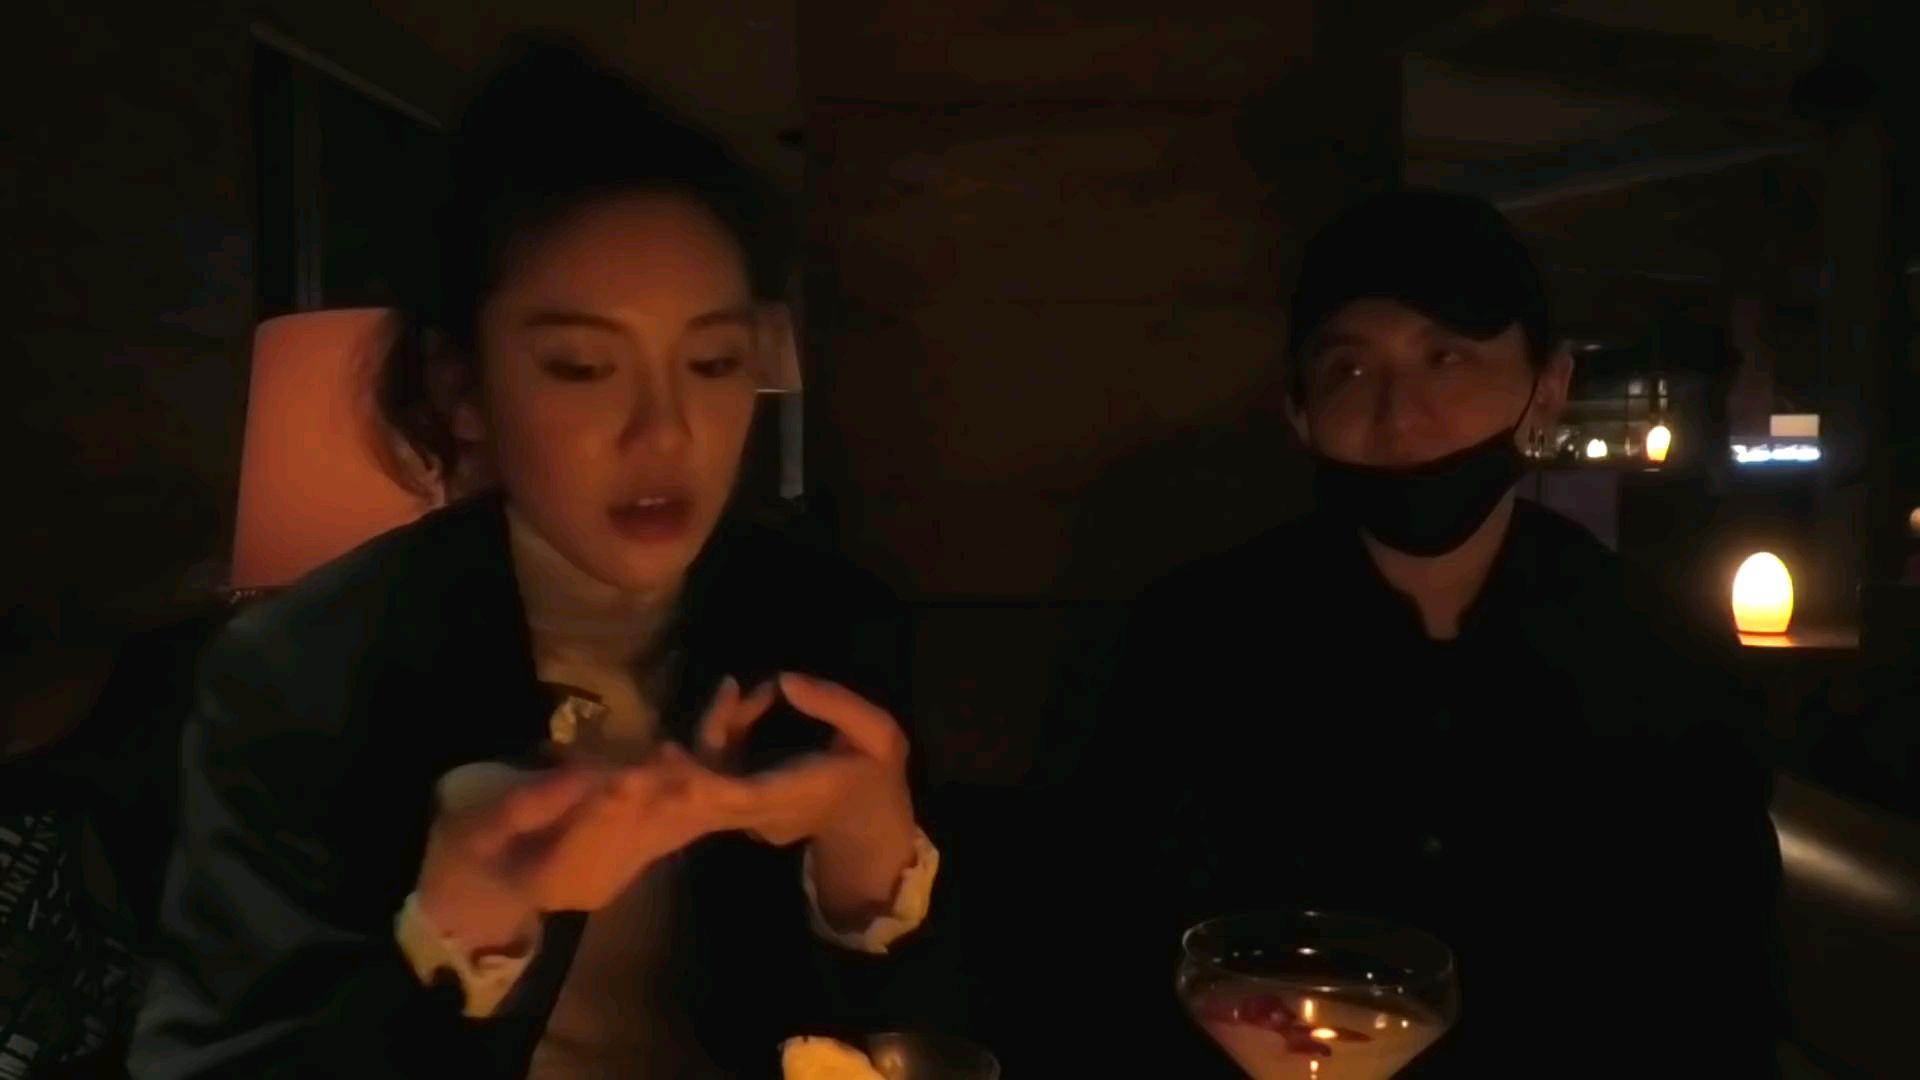 【黑金约会指南】约美女去上海最高的露天酒吧,探讨如何聊天不会被拉黑!